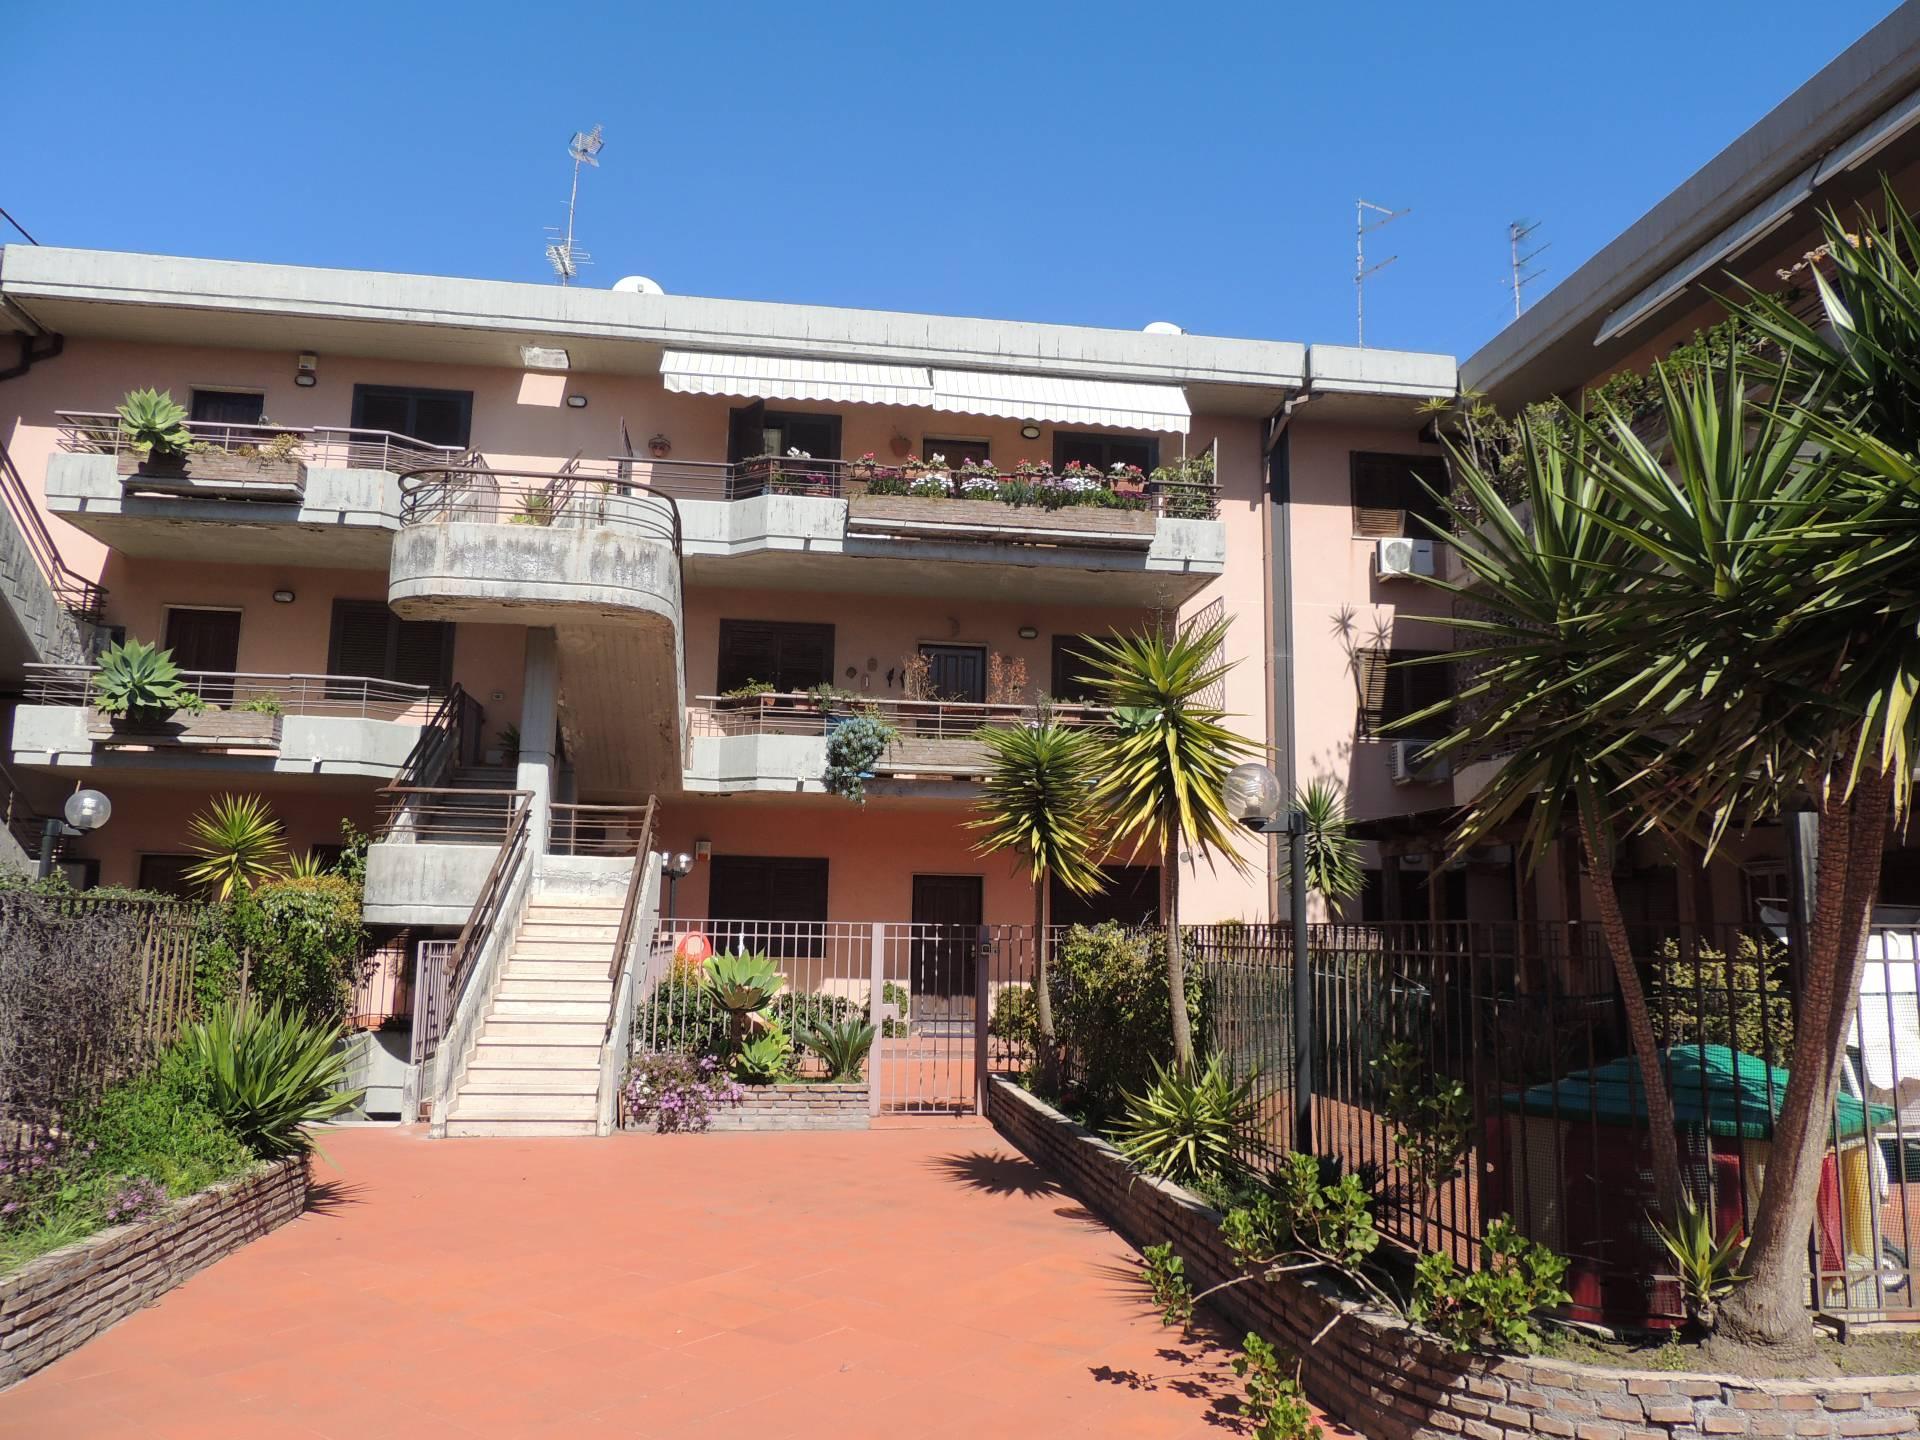 Appartamento in vendita a Gravina di Catania, 3 locali, prezzo € 134.000 | CambioCasa.it